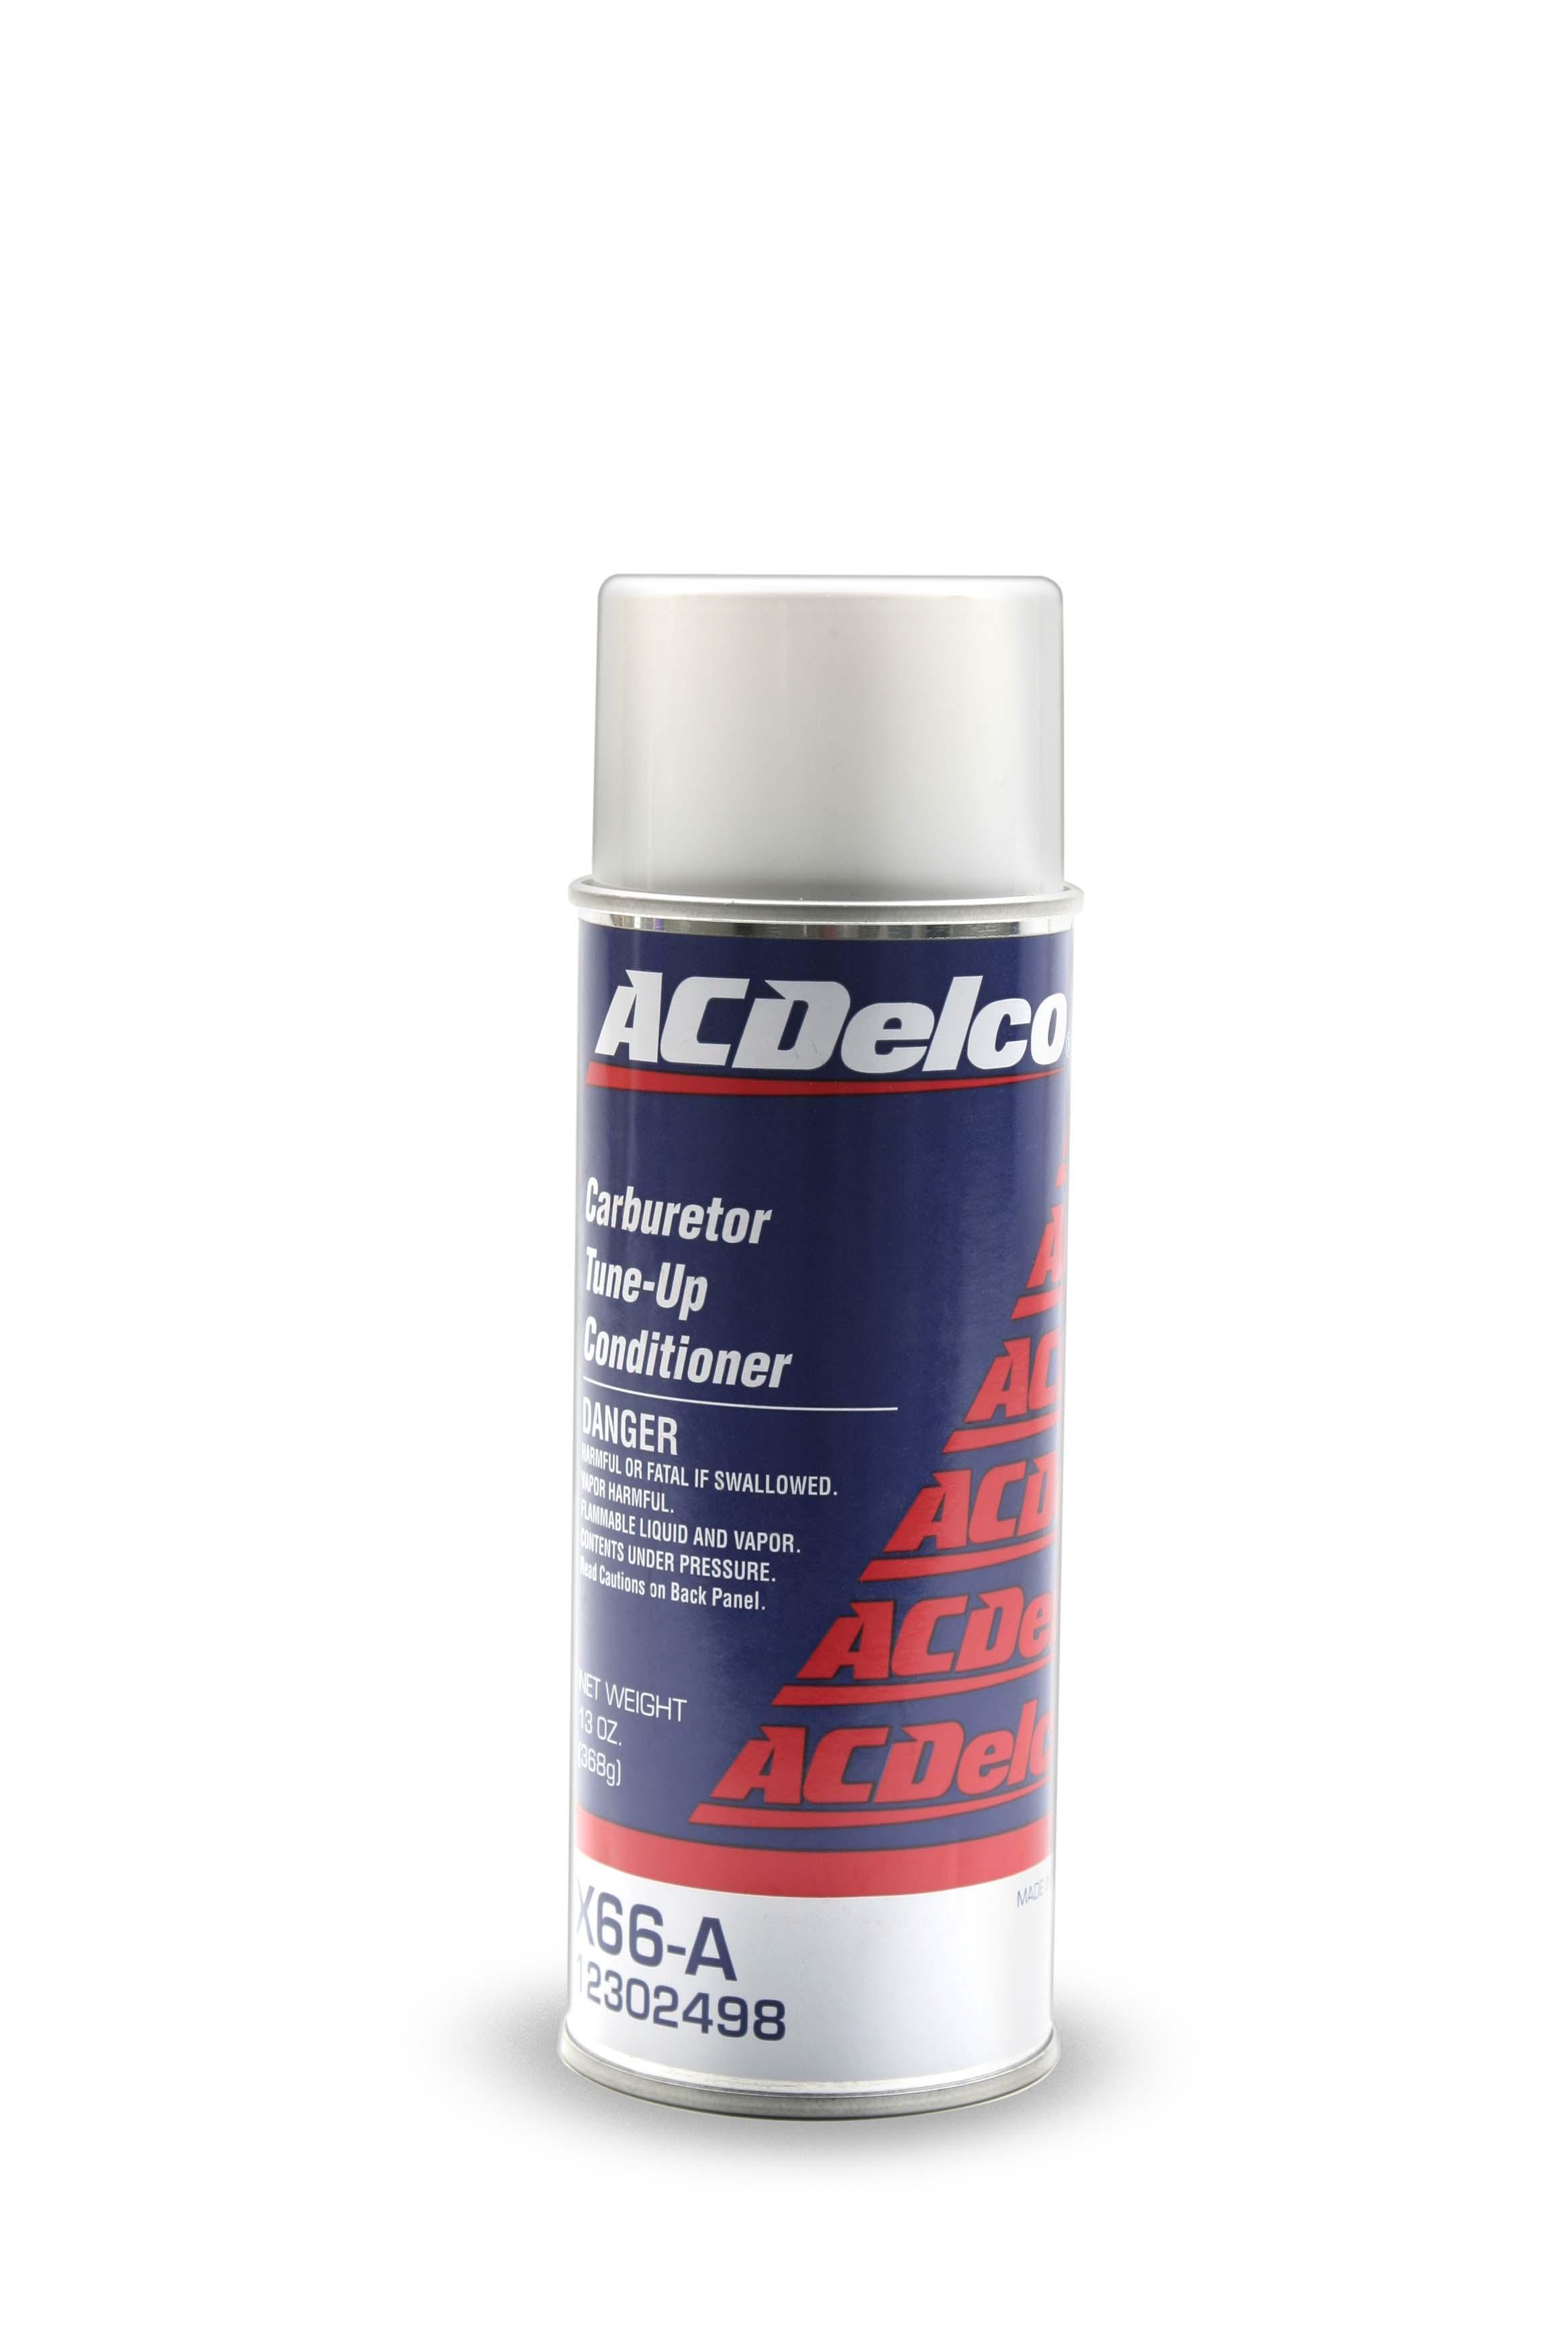 Acdelco Canada Carburetor Tune Up Conditioner